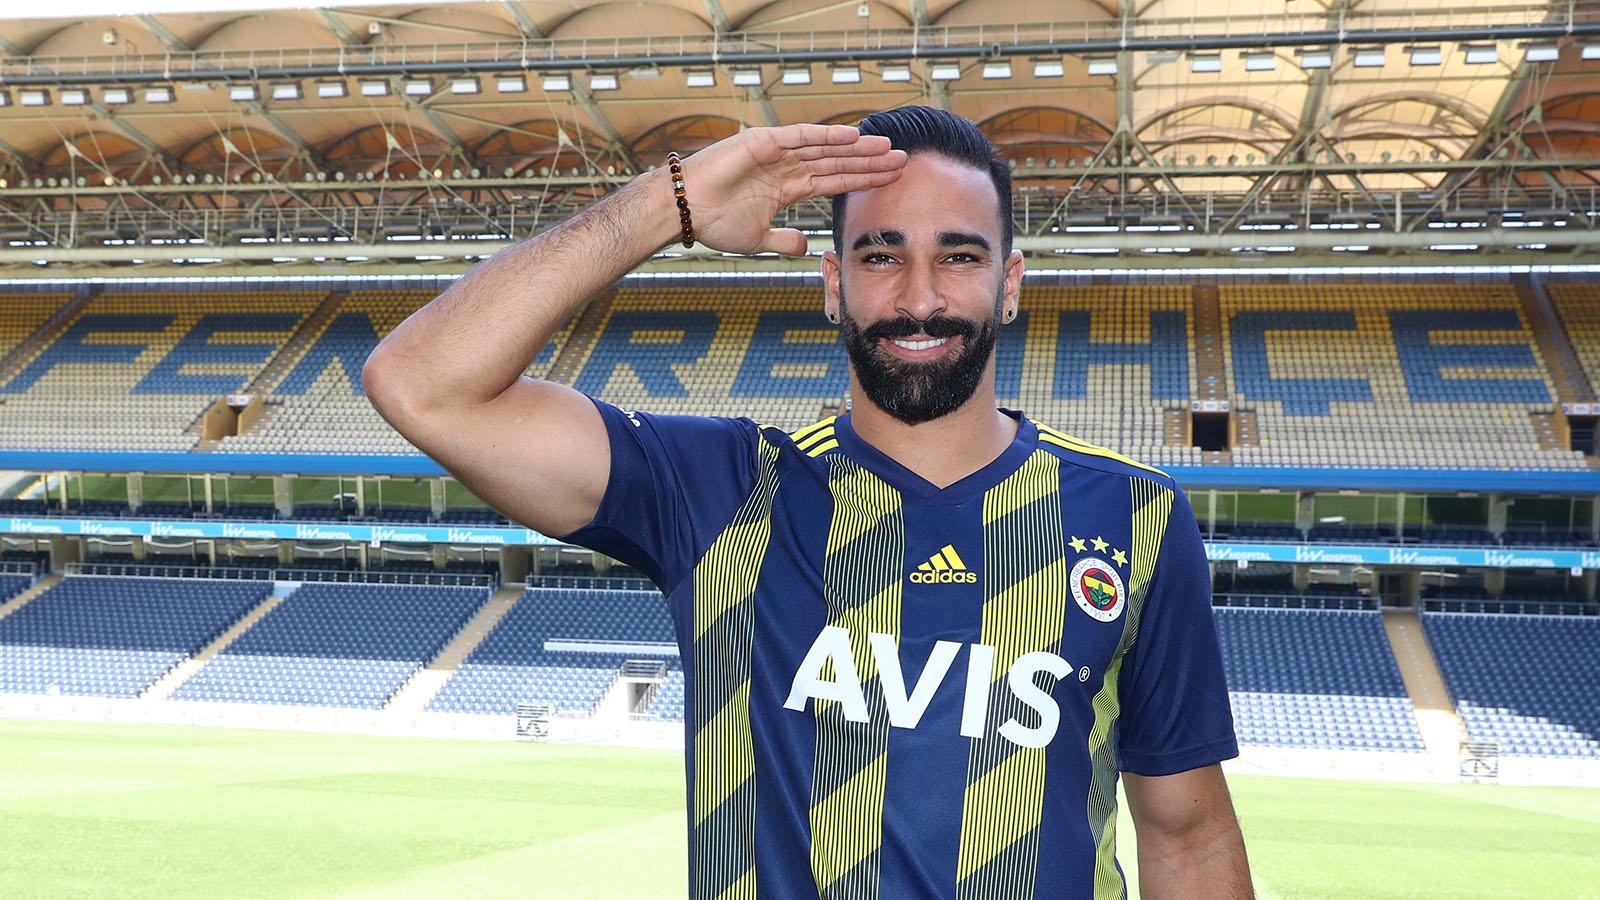 Adil Rami: Fenerbahçe Ailesi'nin bir askeri olarak elimden geleni yapacağım